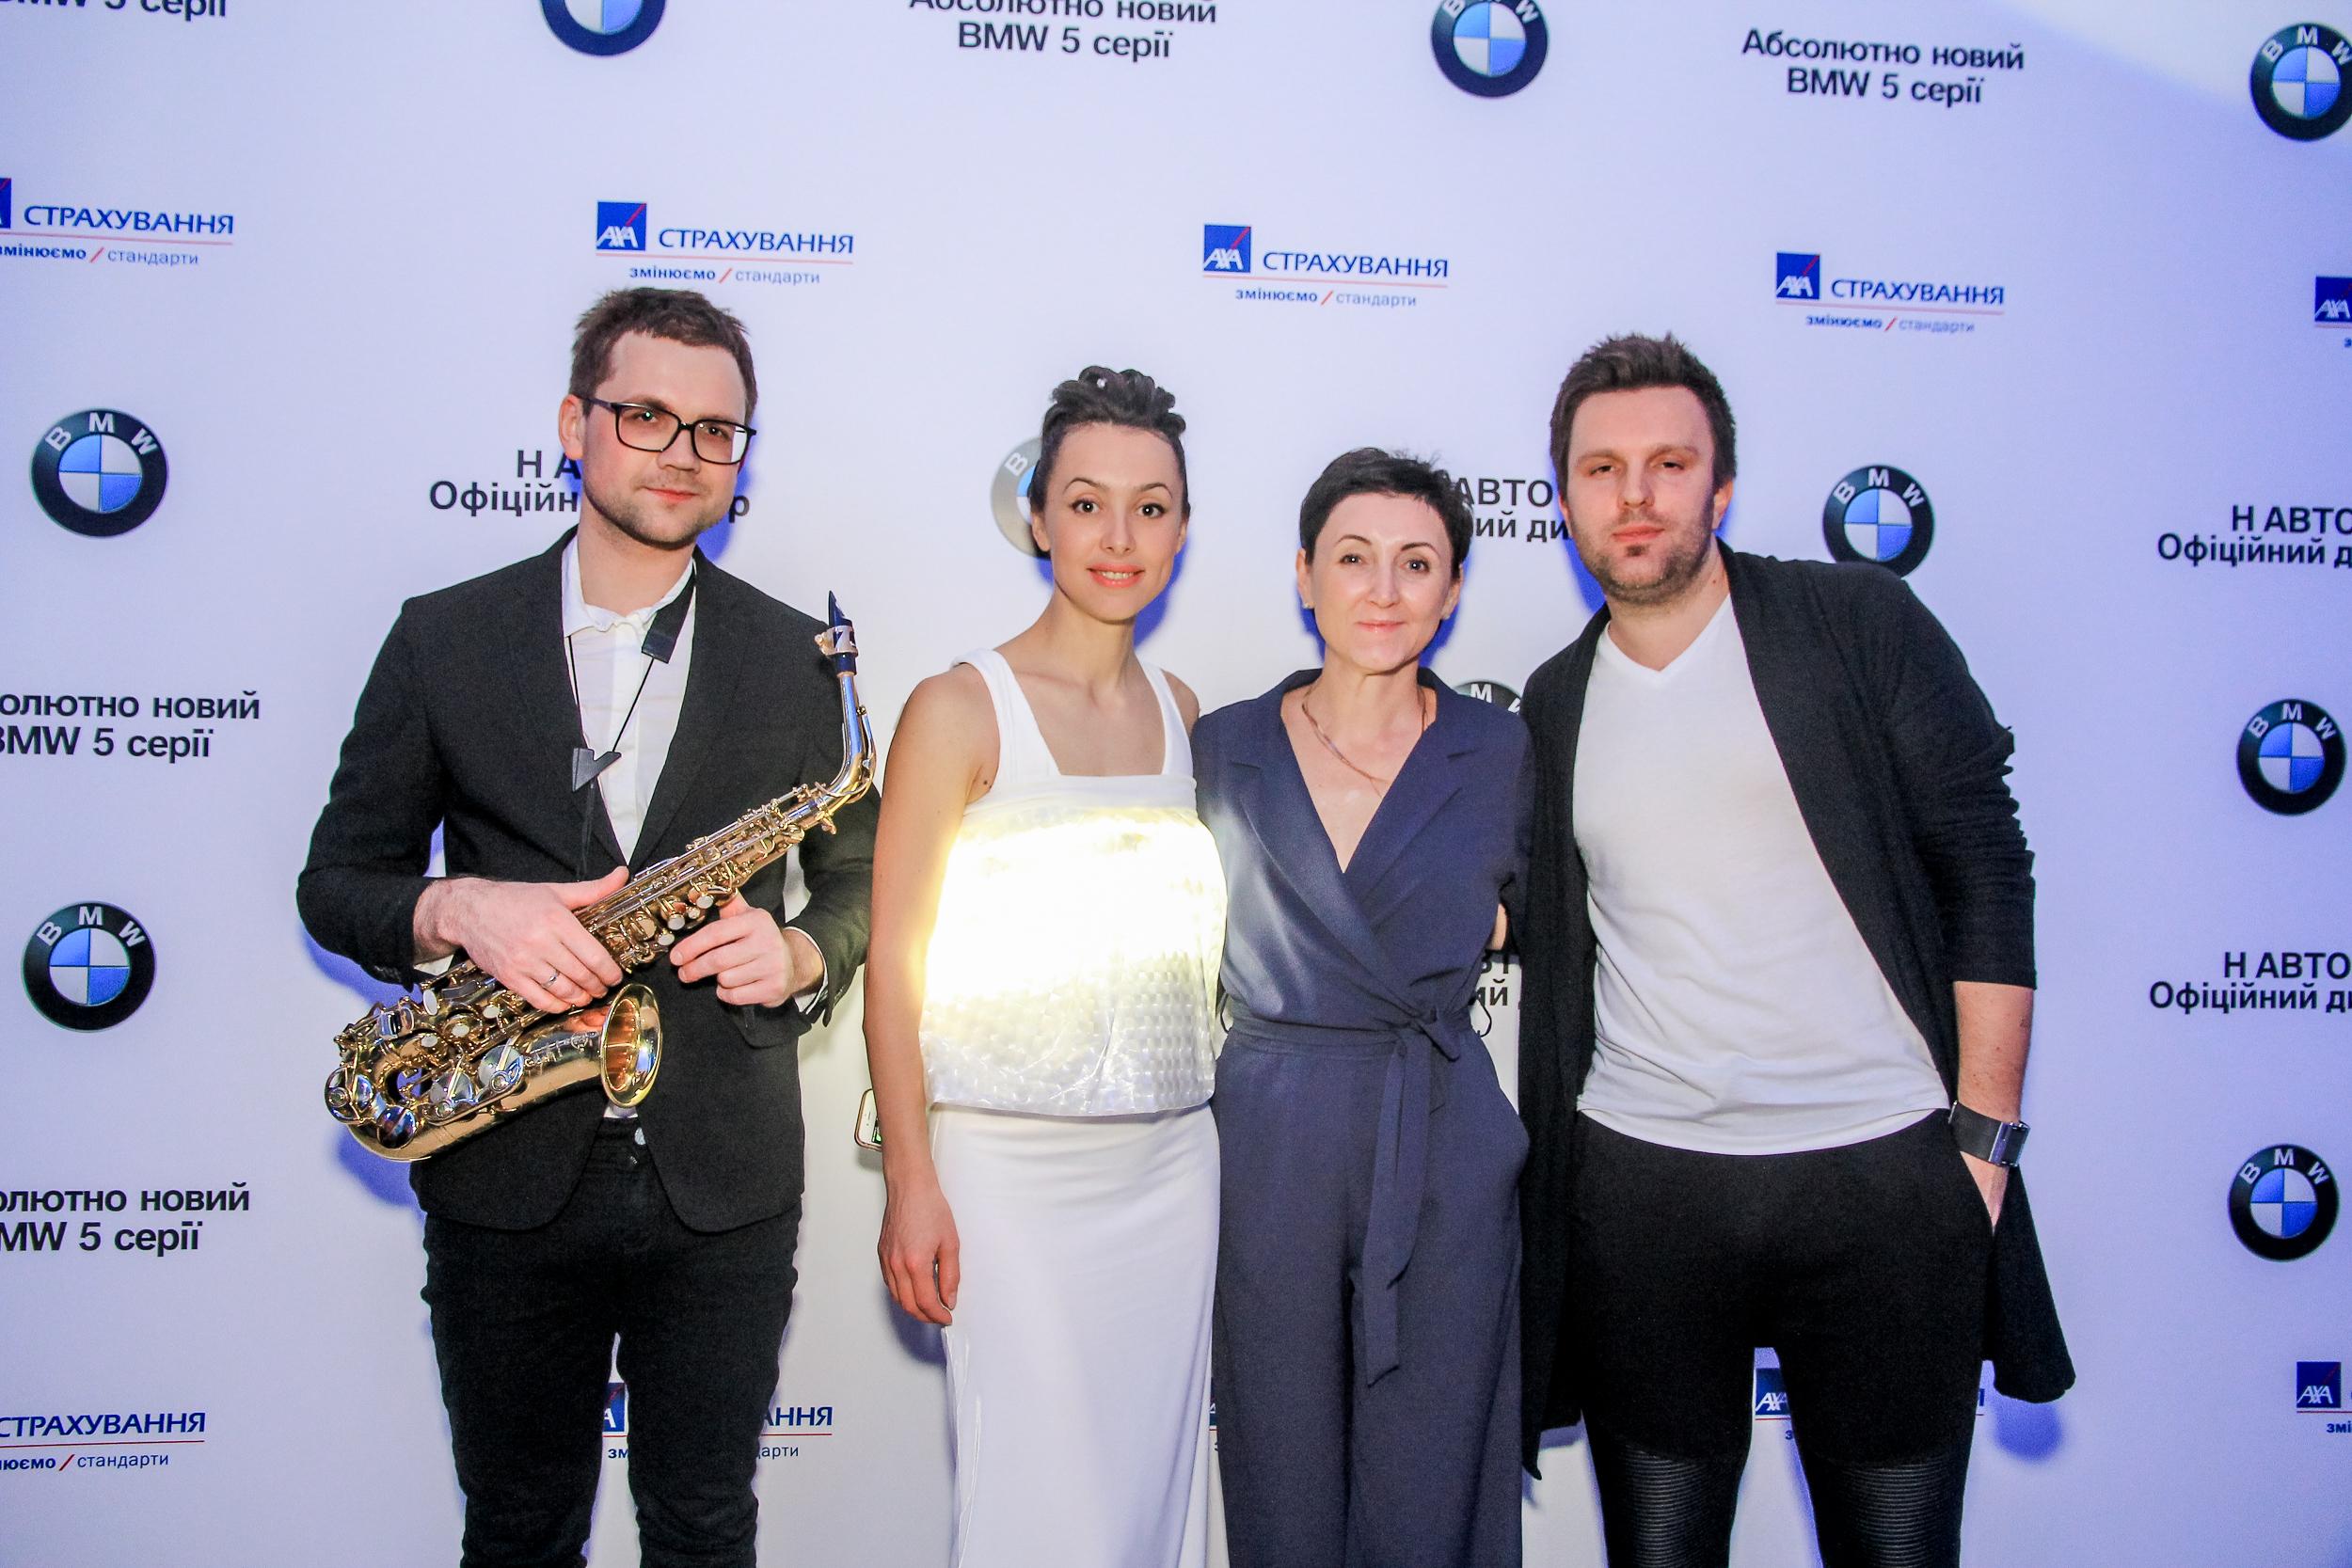 Фото музыкального коллектива с Ларисой Яровой на презентации BMW